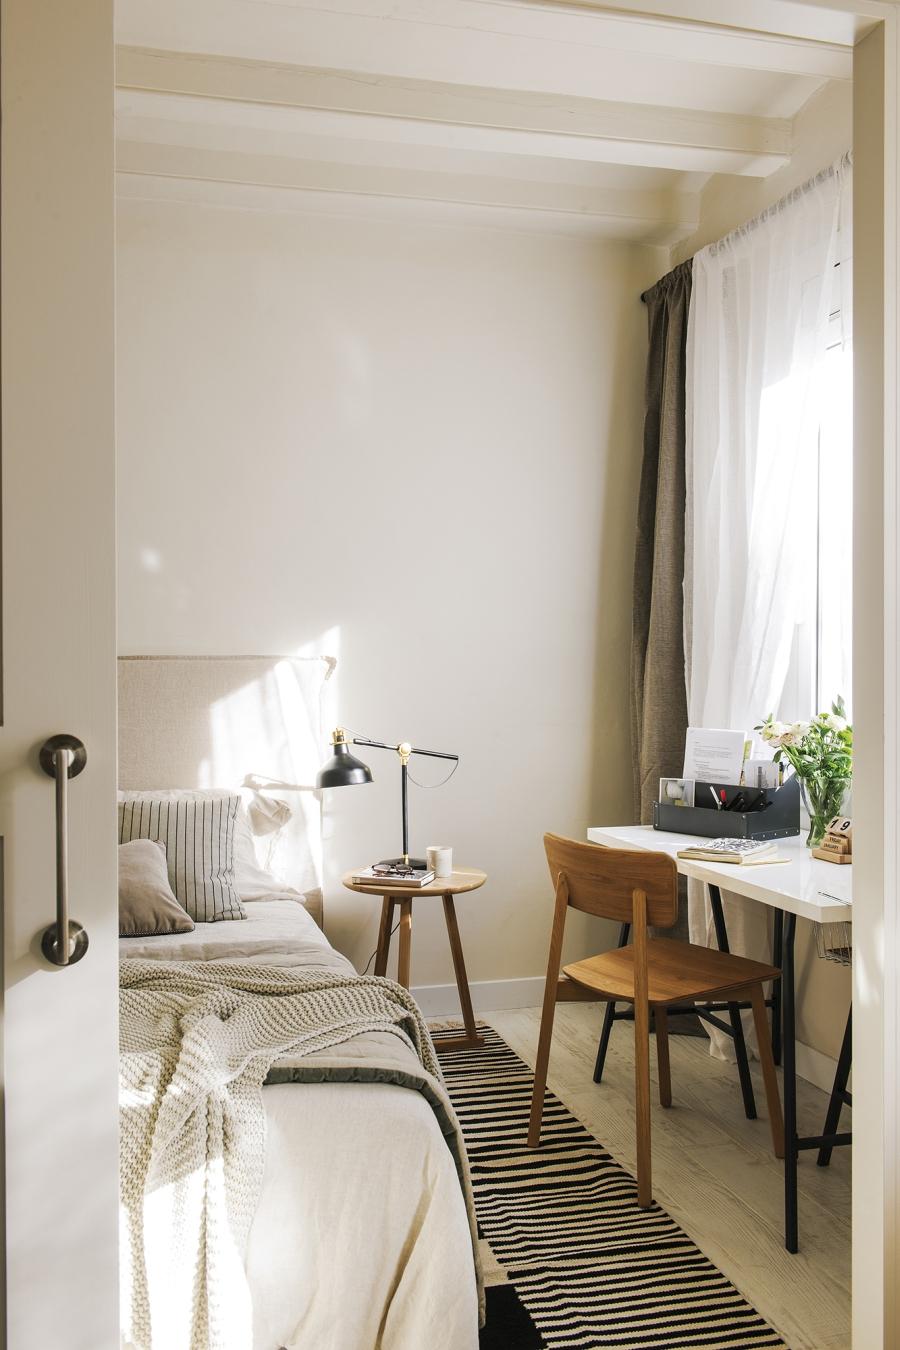 Czerń i biel w przytulnej aranżacji - wystrój wnętrz, wnętrza, urządzanie mieszkania, dom, home decor, dekoracje, aranżacje, minty inspirations, styl skandynawski, scandinavian style, biała wnętrza, małe wnętrza, małe mieszkanie, otwarta przestrzeń, czerń i biel, balck & white, naturalne drewno, naturalne materiały, sypialnia, bedroom, łóżko, miejsce do pracy, małe biurko, drewniany stolik, drewniane krzesło